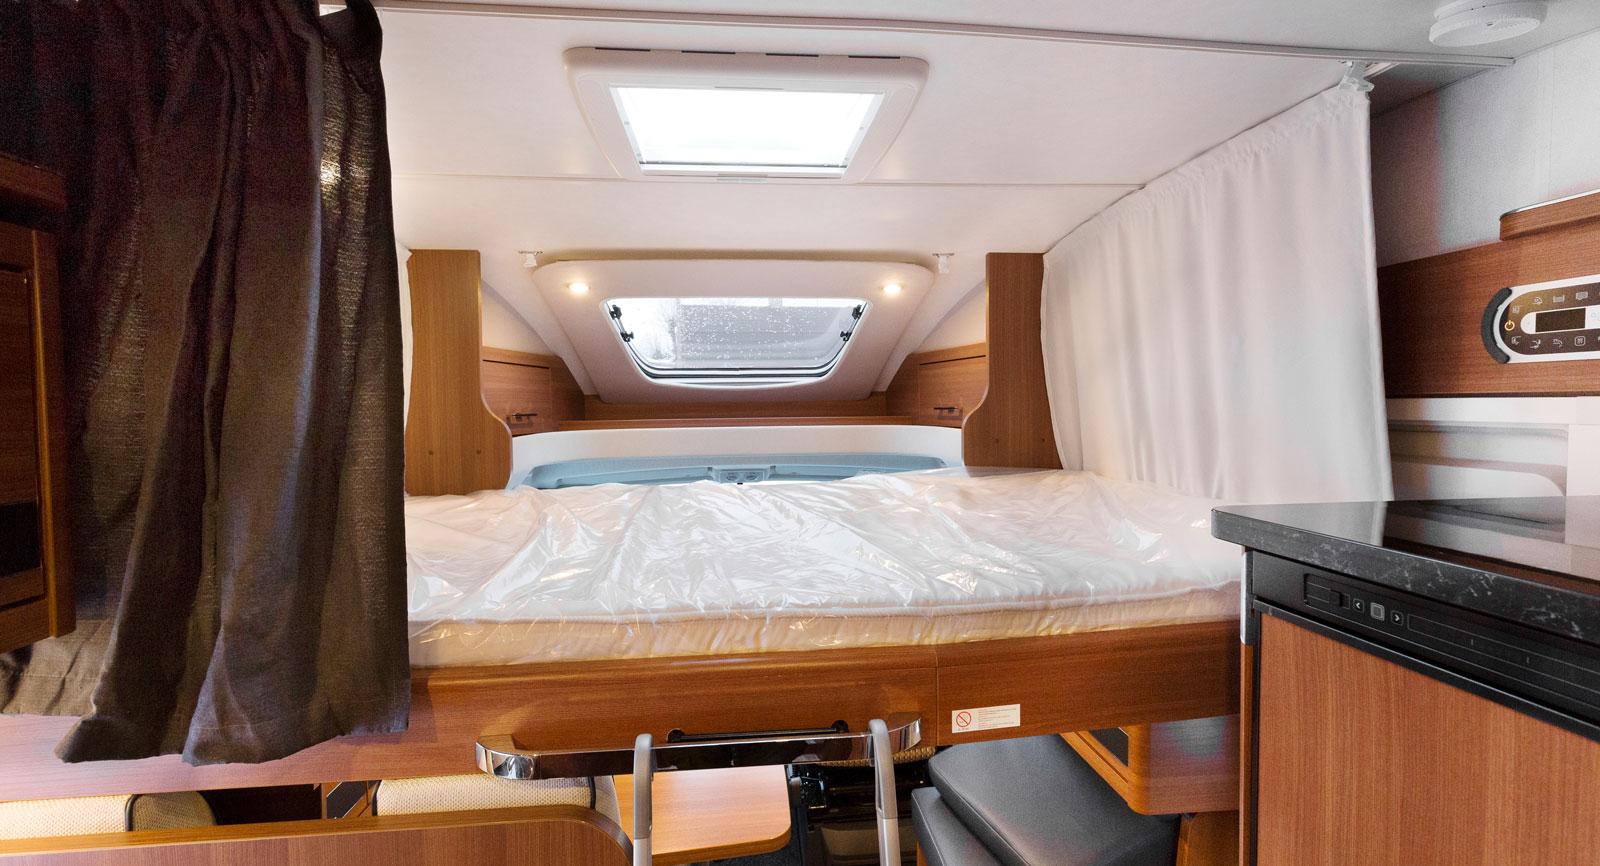 Bäddat. Sängen blockerar utgången vilket är mindre bra men vi gillar sovplatsen med mörkläggningsgardiner, takfönster, läslampor och direkt närhet till tv:n ovanpå kylskåpet till höger.